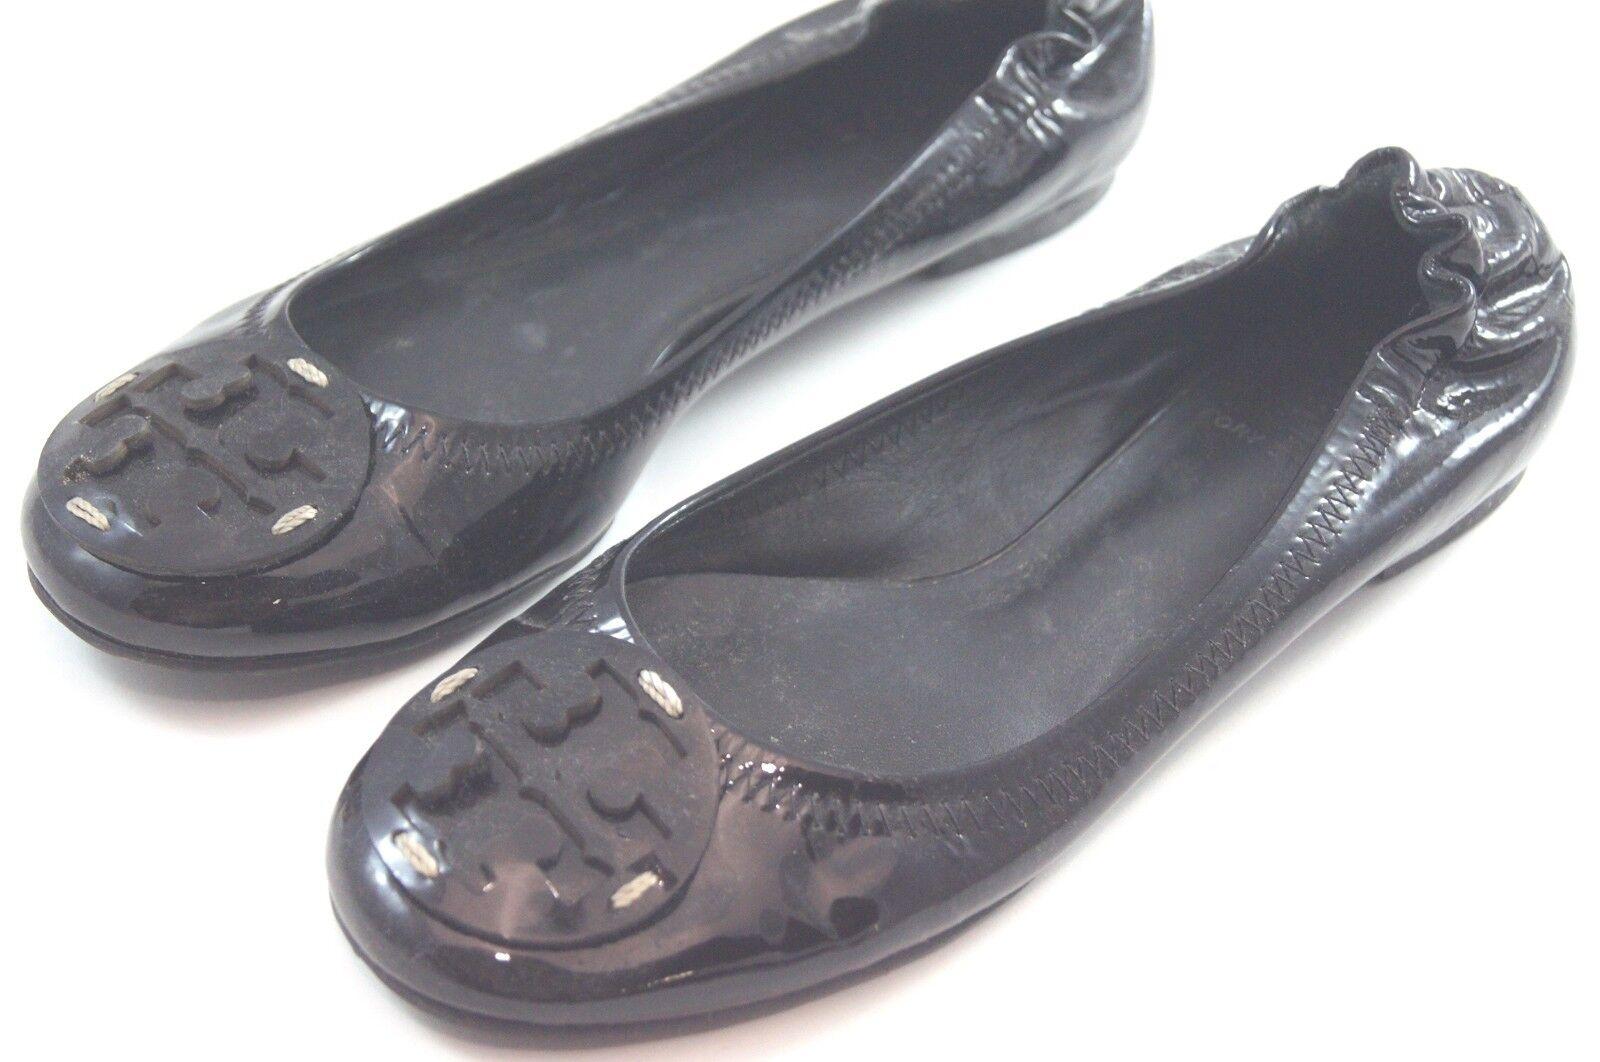 grandi prezzi scontati Tory Tory Tory Burch nero scarpe Reva Patent Leather Elastic Ballet Flats Dimensione 6  195 h17  solo per te